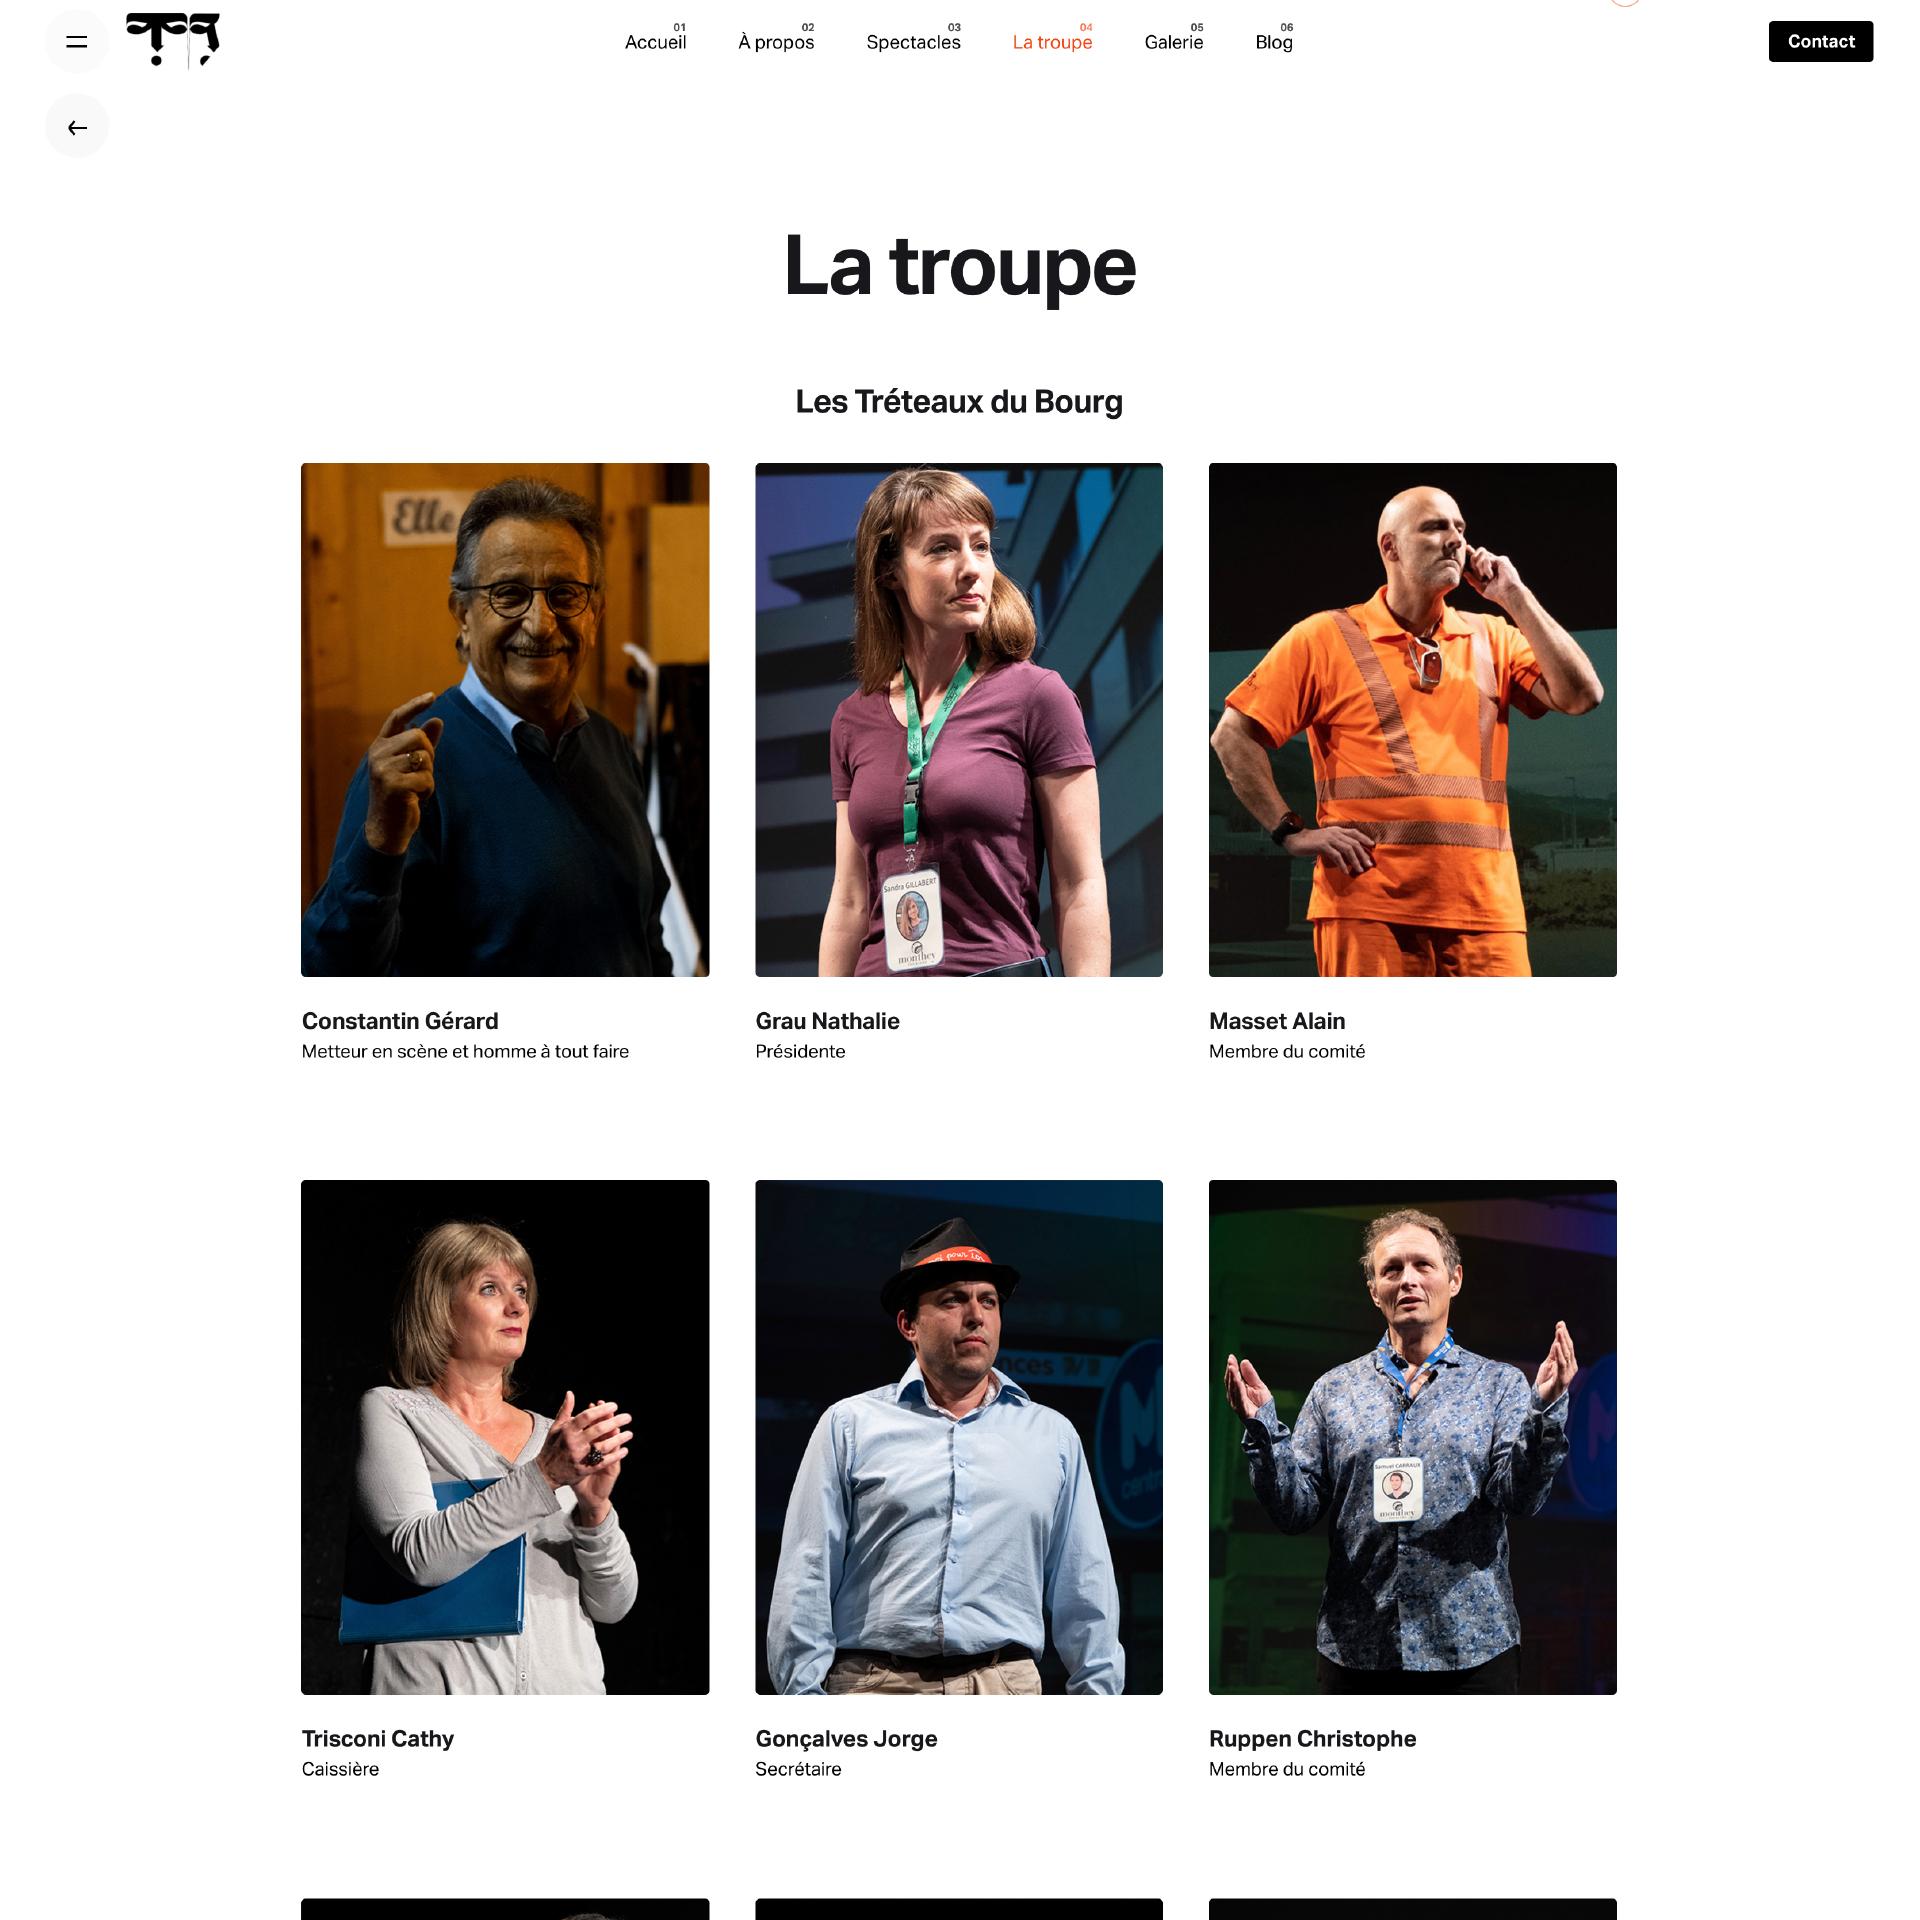 Website - Treteaux du bourg, fotos dos atores e comediantes